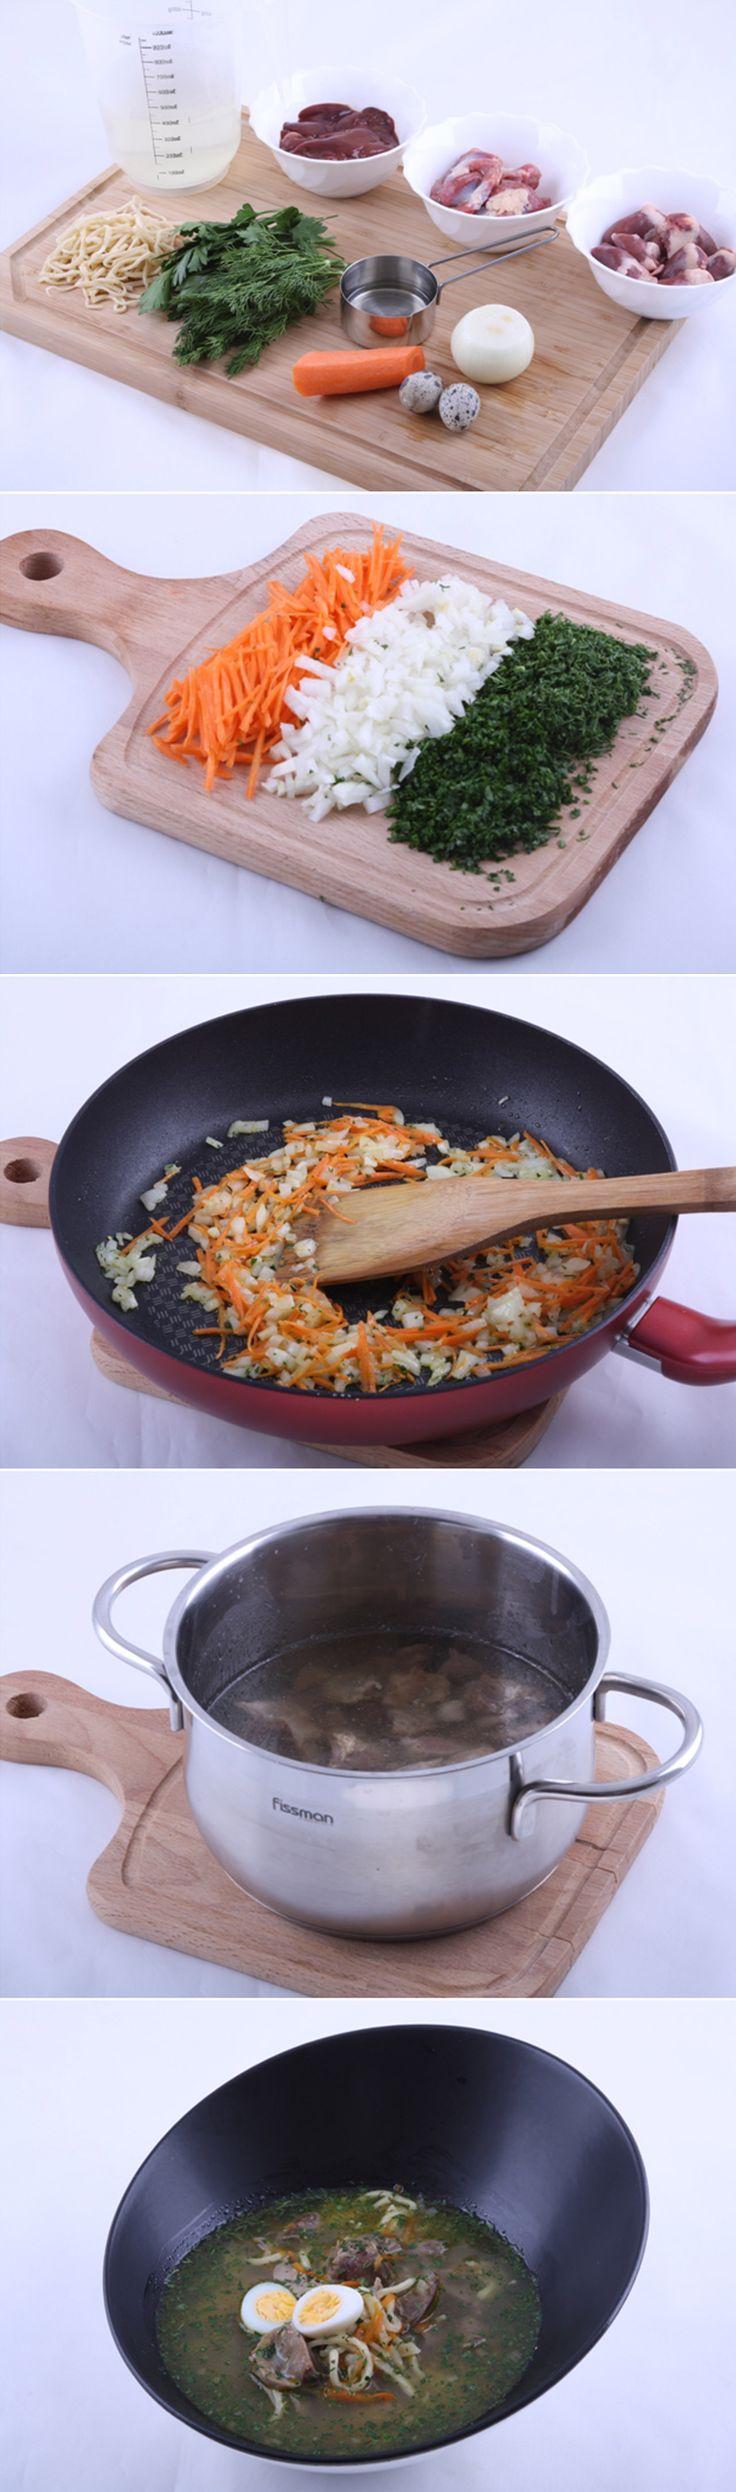 Суп-лапша домашняя с потрошками. Суп с потрошками очень вкусный и будет полезным и легким для желудка. В супе содержится огромное количество полезных веществ, он питательный, при этом является низкокалорийным. Рецепт не просто хороший, а отличный! http://vk.com/dinnerday; http://instagram.com/dinnerday #суп #мясо #кулинария #лапша #с_потрошками #курица #еда #овощи #рецепт #dinnerday #food #cook #recipe #soup #meat #cookery #noodles #vegetables #chicken